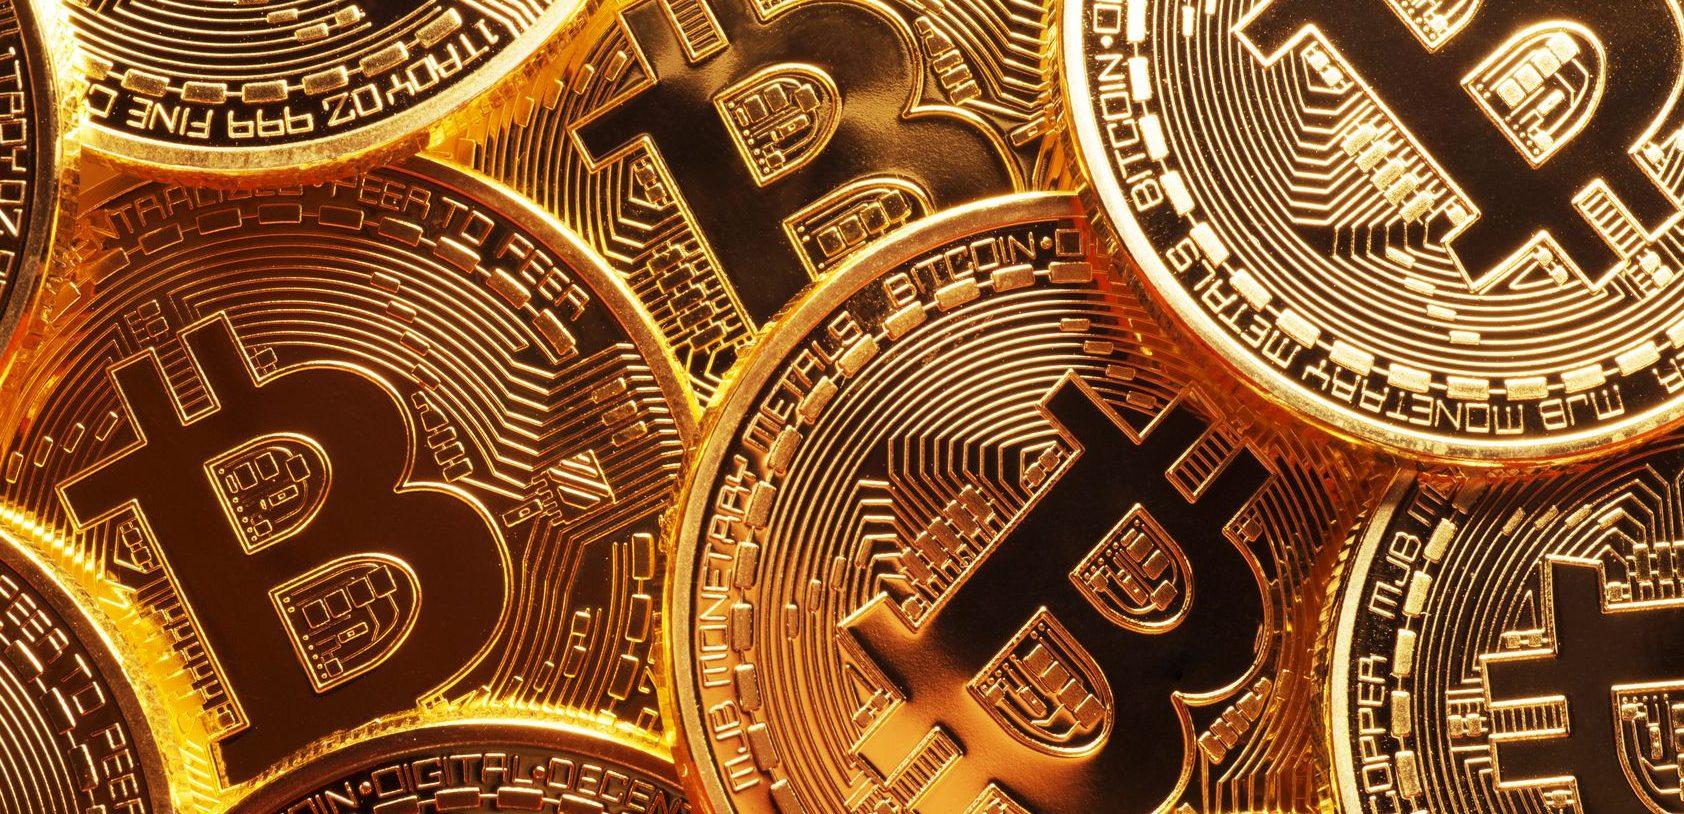 El alza del Bitcoin y las Criptomonedas